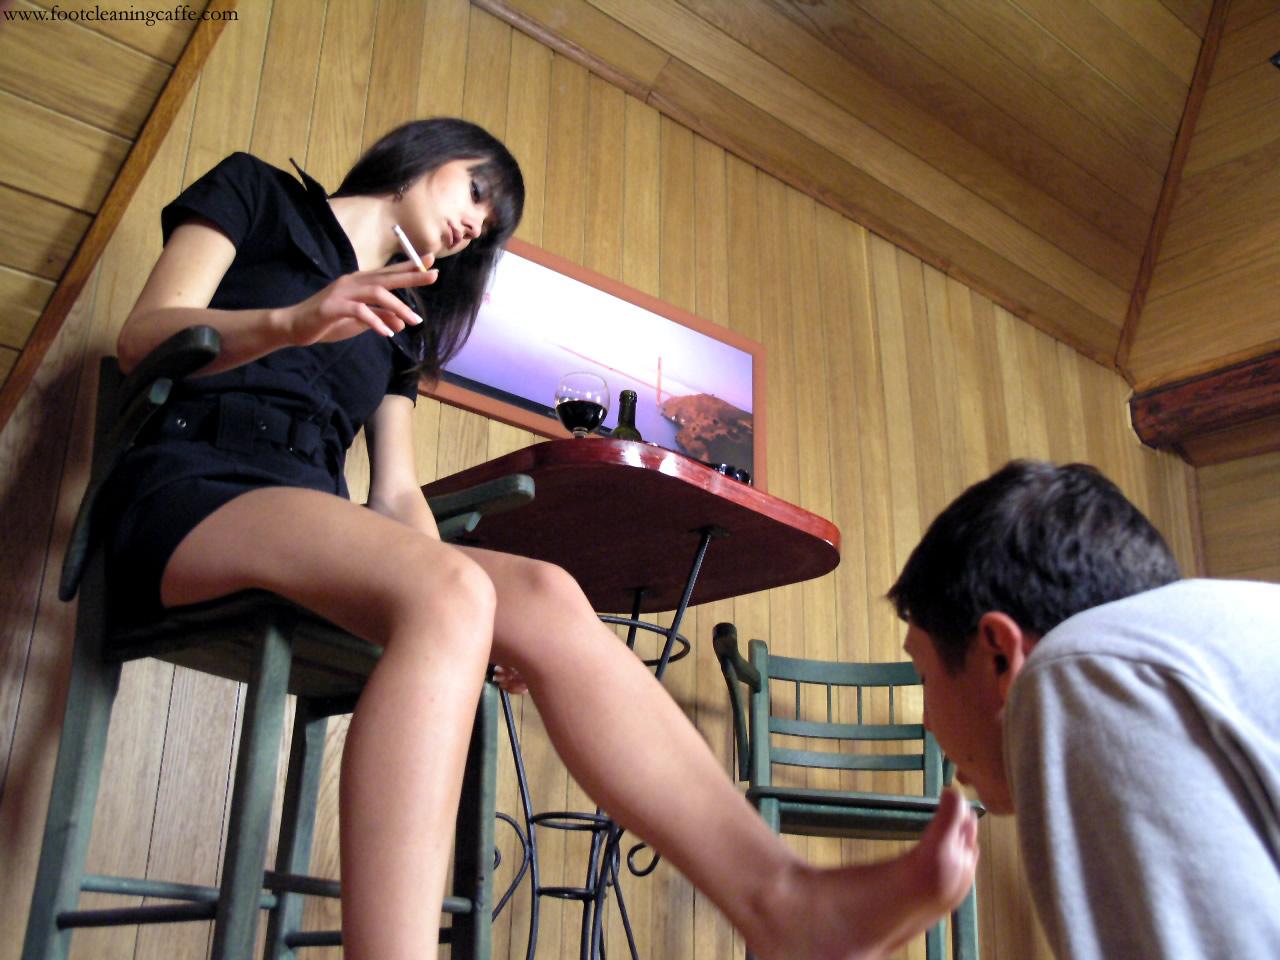 Целовать ножки жены, а ваши мужчины целуют вам ноги? страница 4 2 фотография